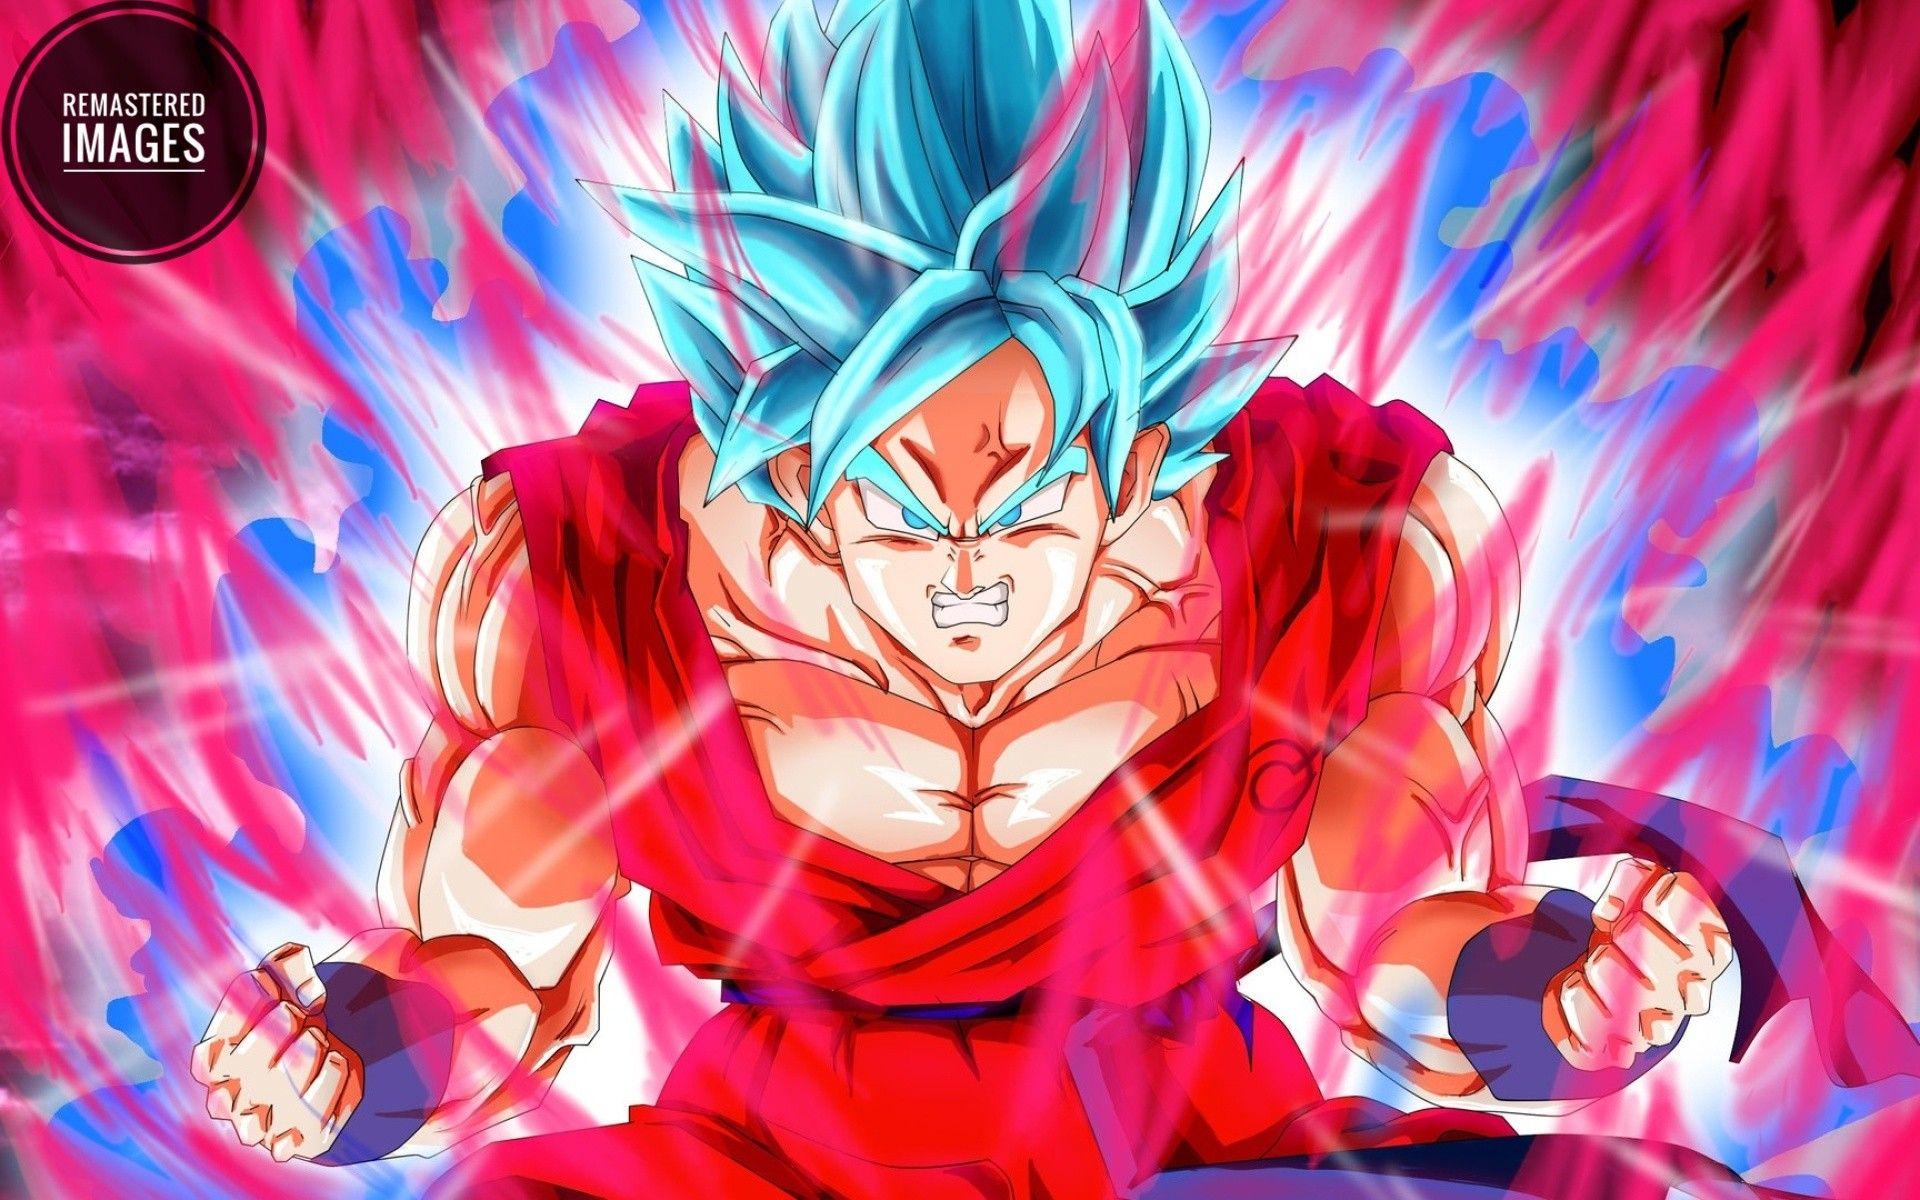 Goku Ssj Blue Kaioken Goku Super Saiyan Blue Super Saiyan Blue Kaioken Goku Super Saiyan God